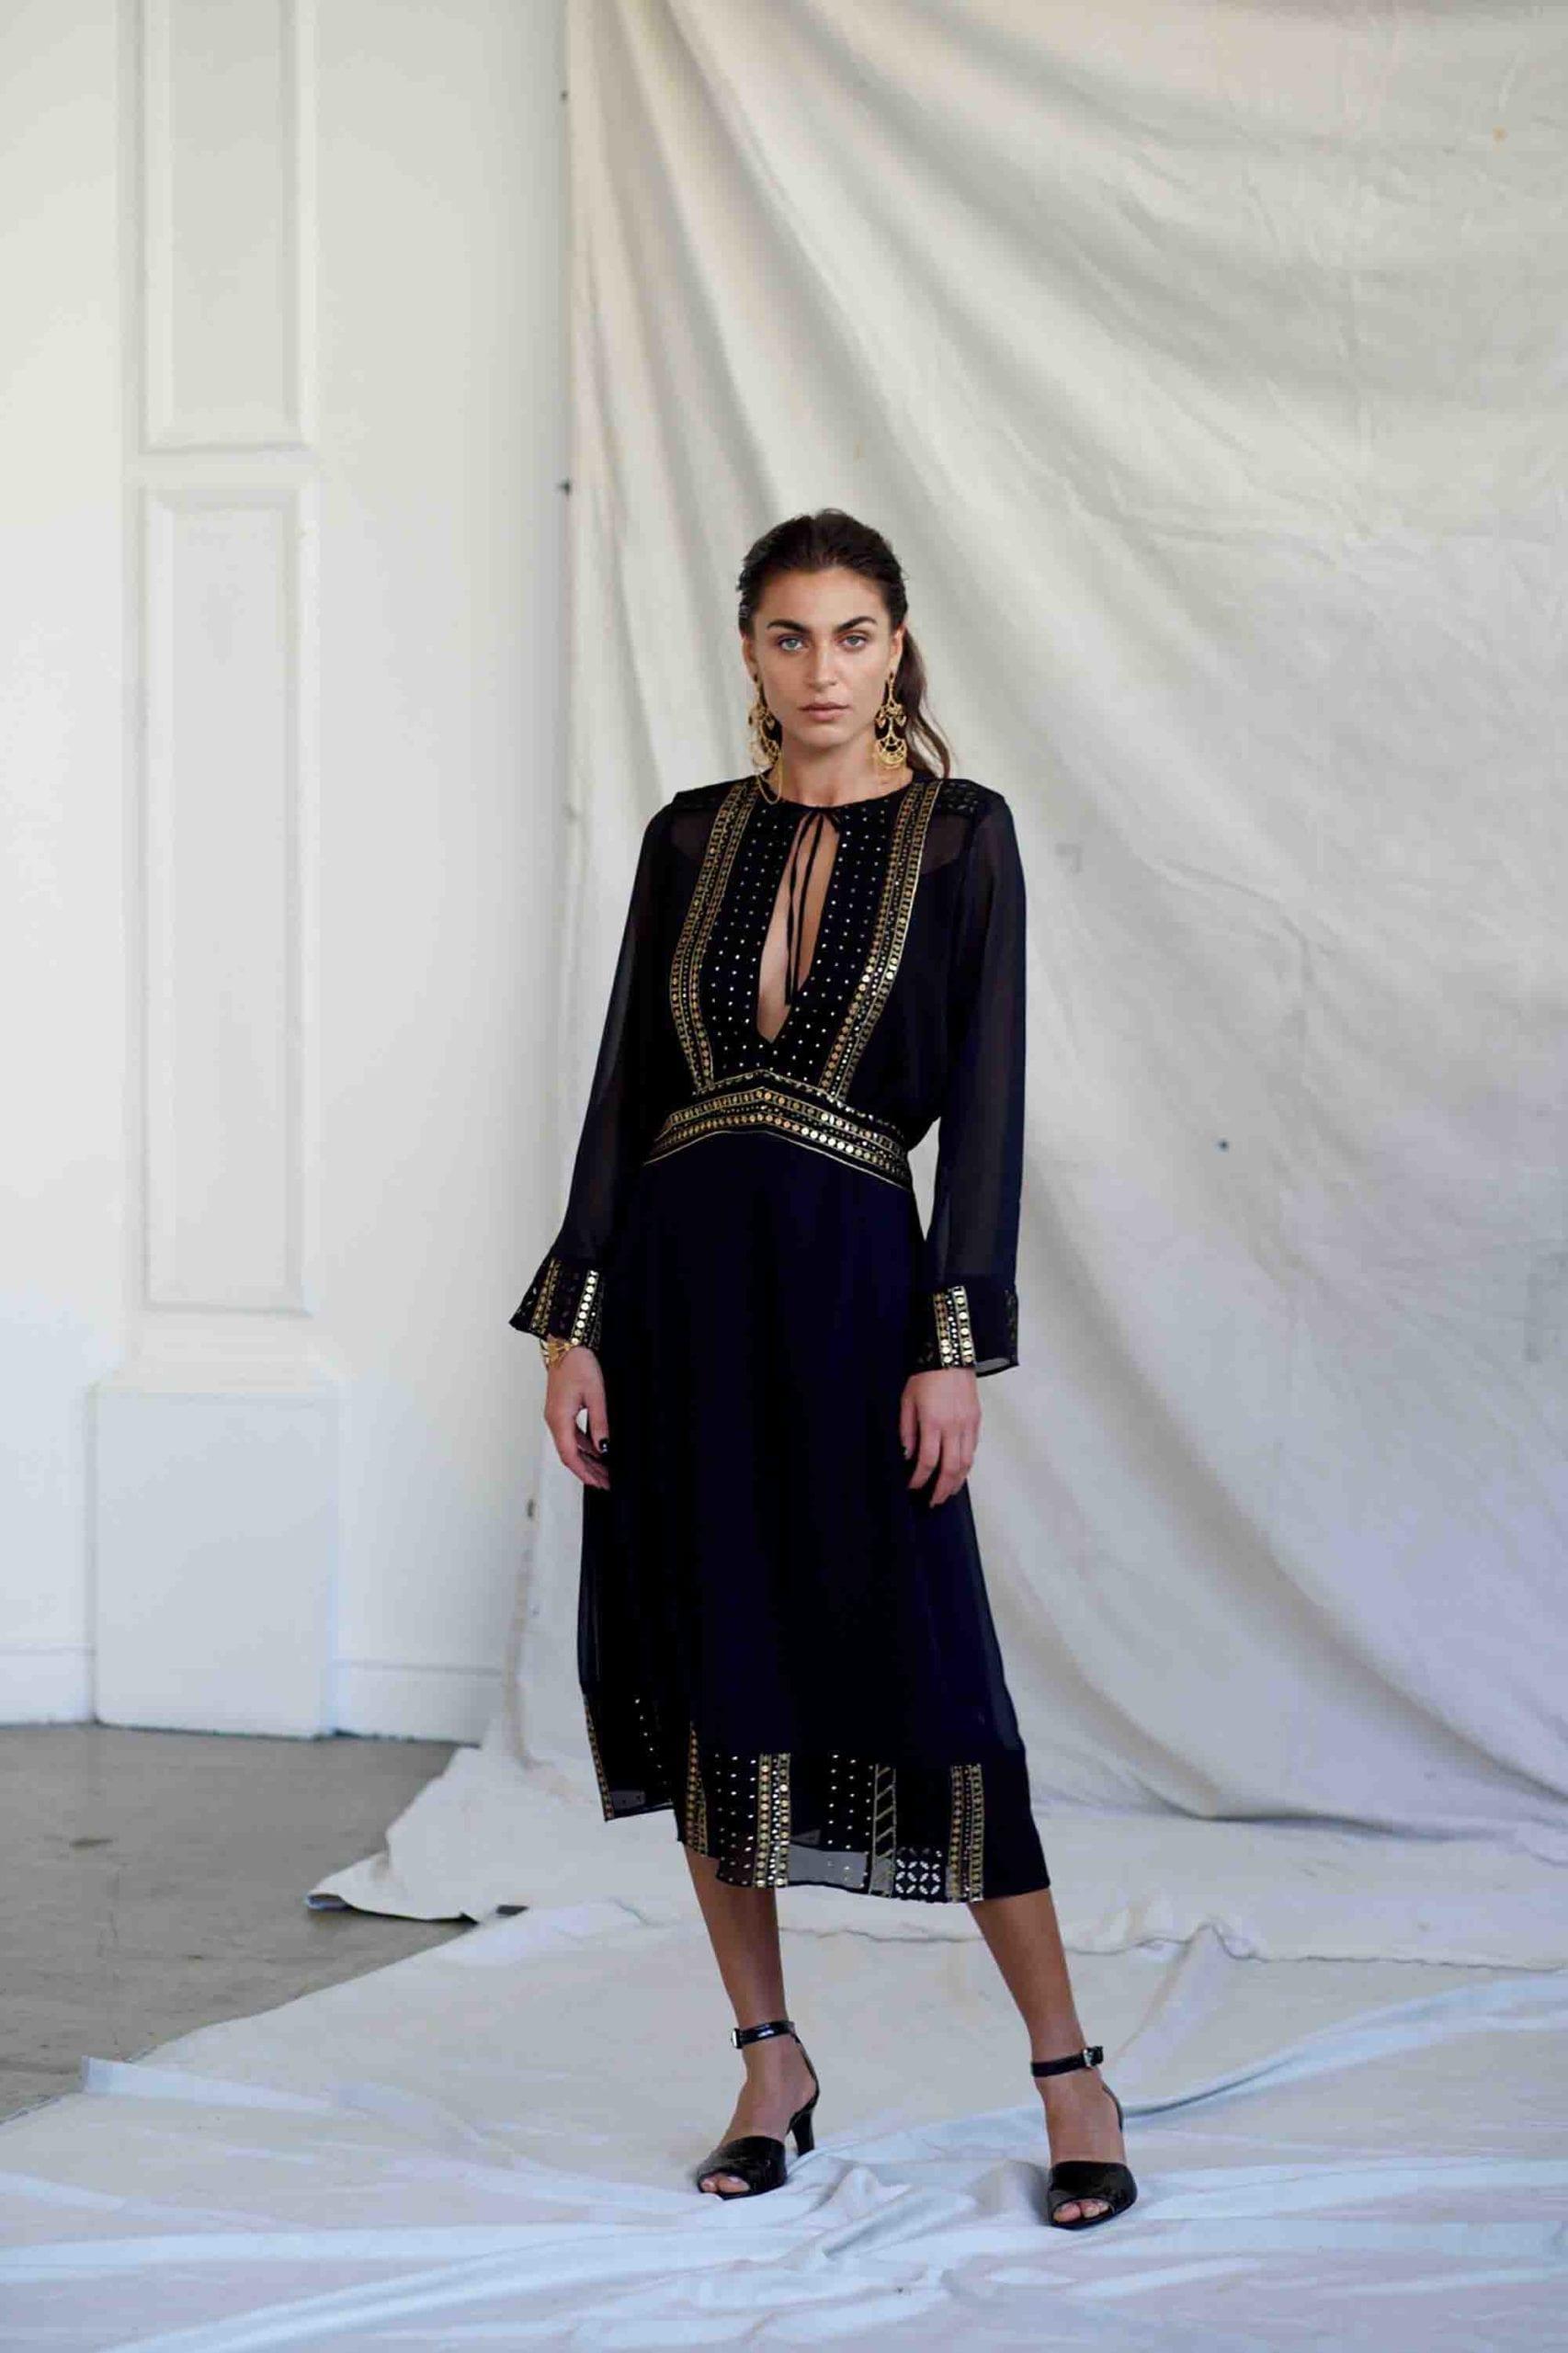 קובי גולן, Kobi Golan, מעצב אופנה, קולקציית אופנה 2020, מגזין אופנה, כתבות אופנה, הילה שייר, אופנה, מגזין אופנה ישראלי -7